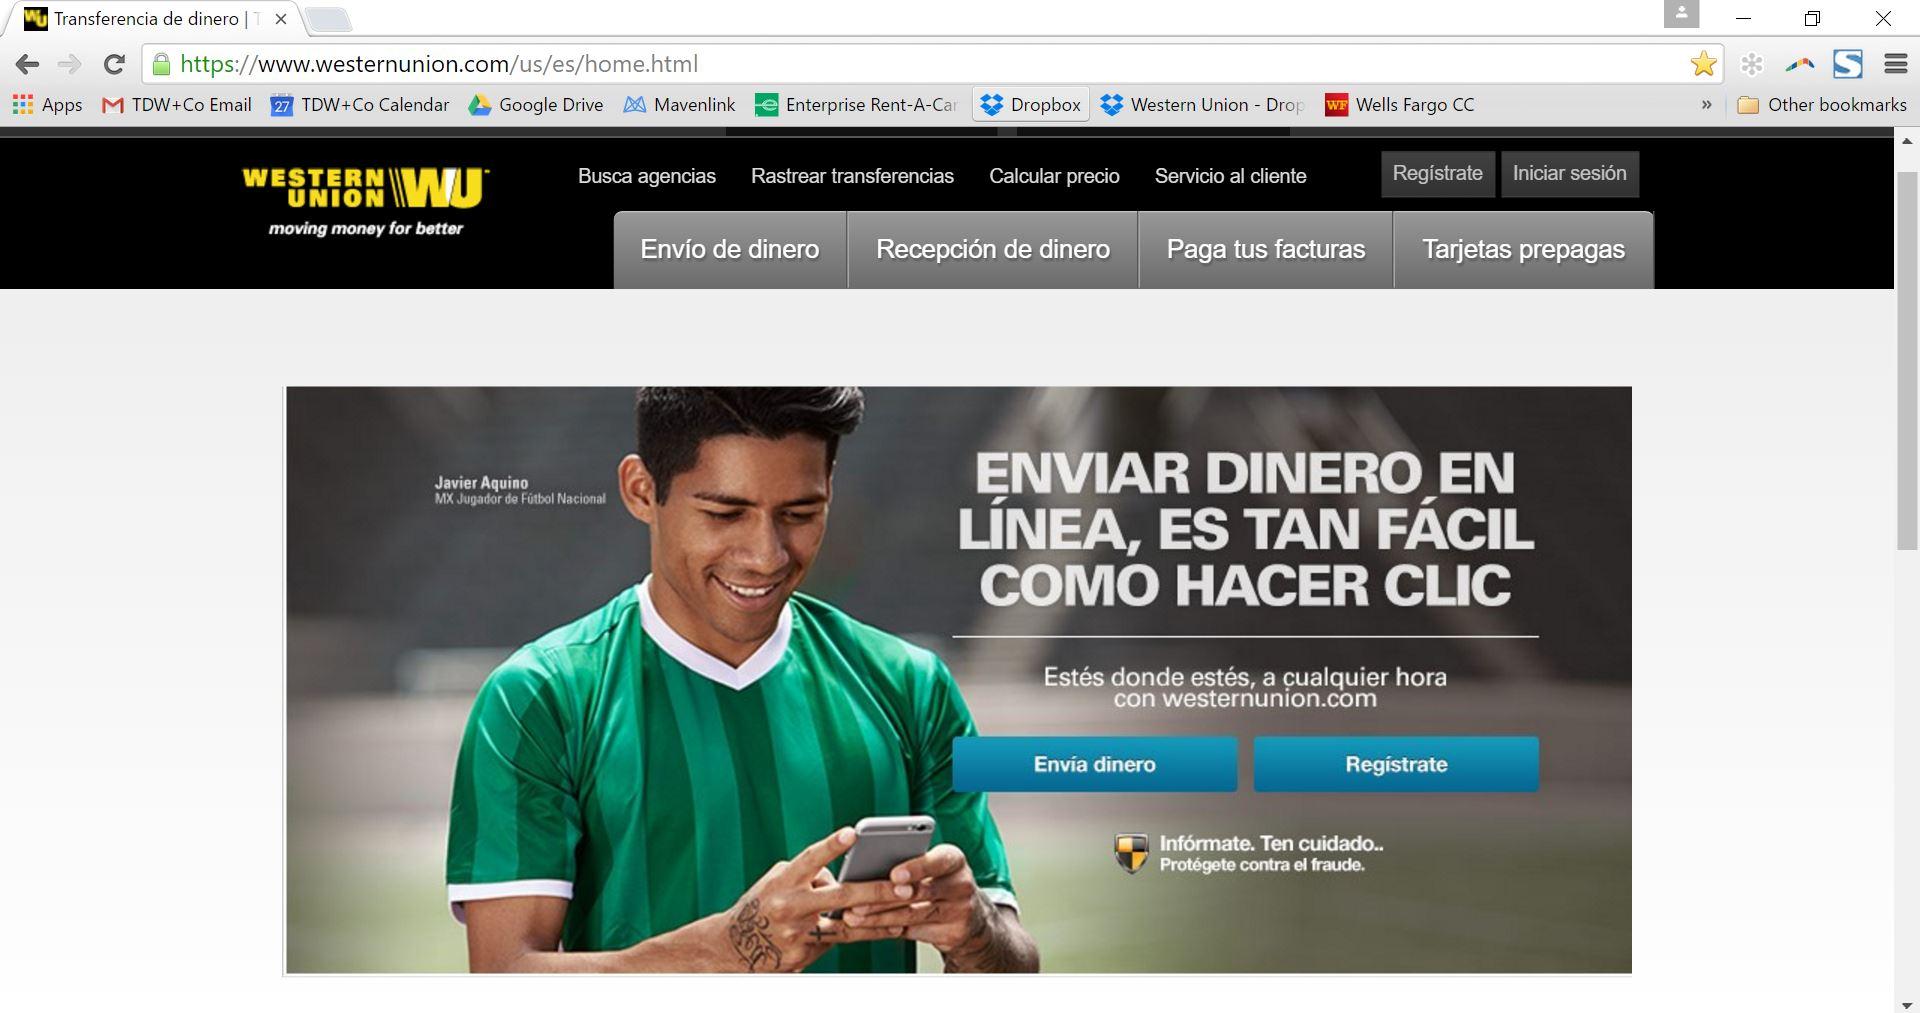 wu.com espanol.JPG